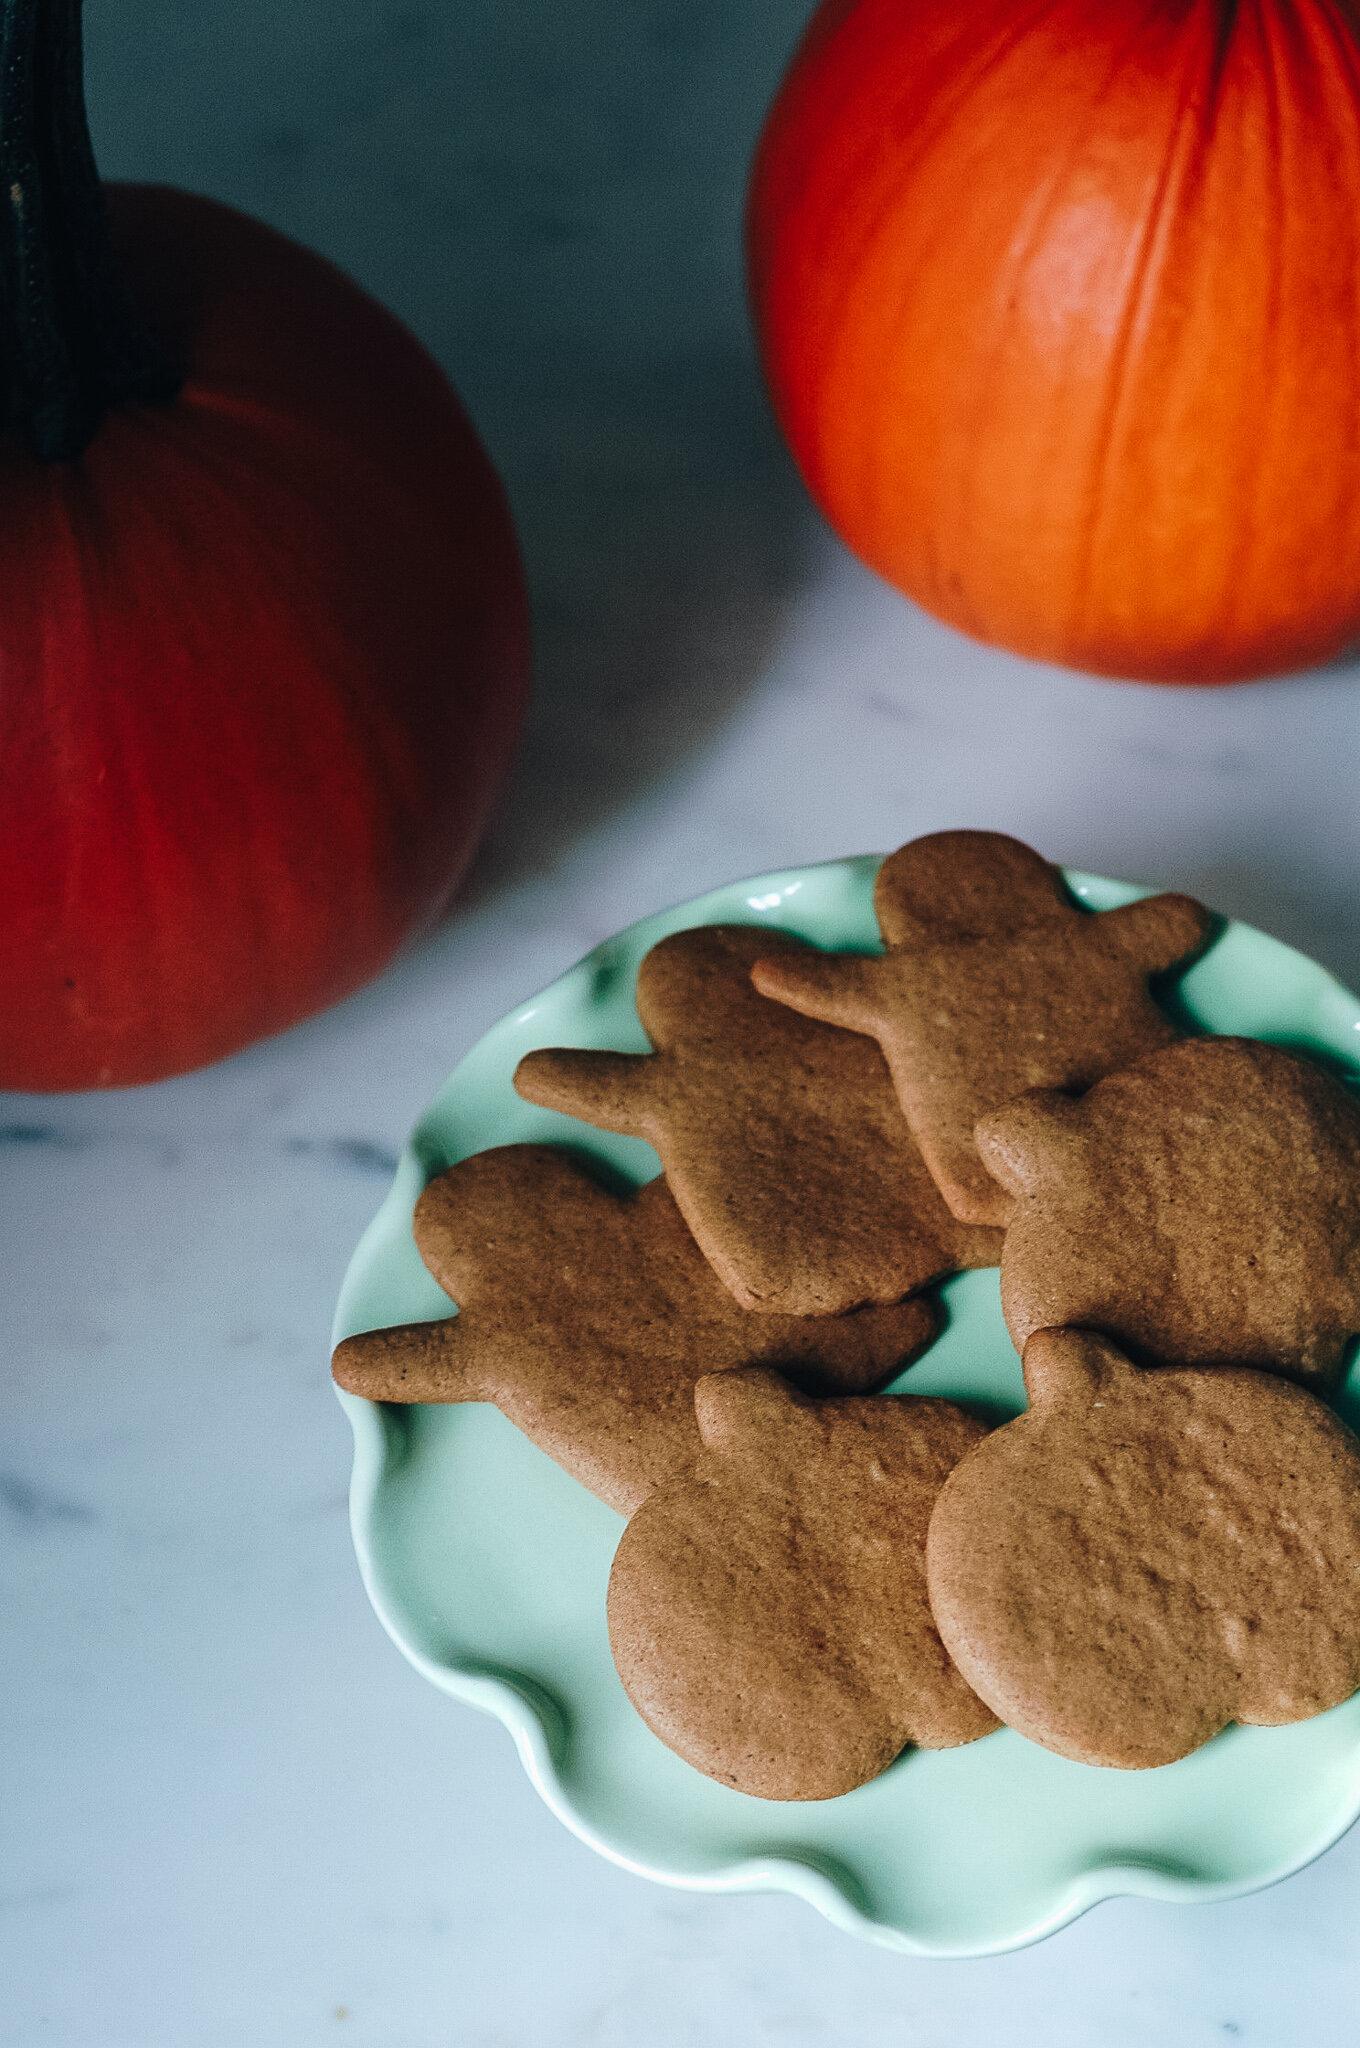 Holisticole - Pumpkin Spice Cookies